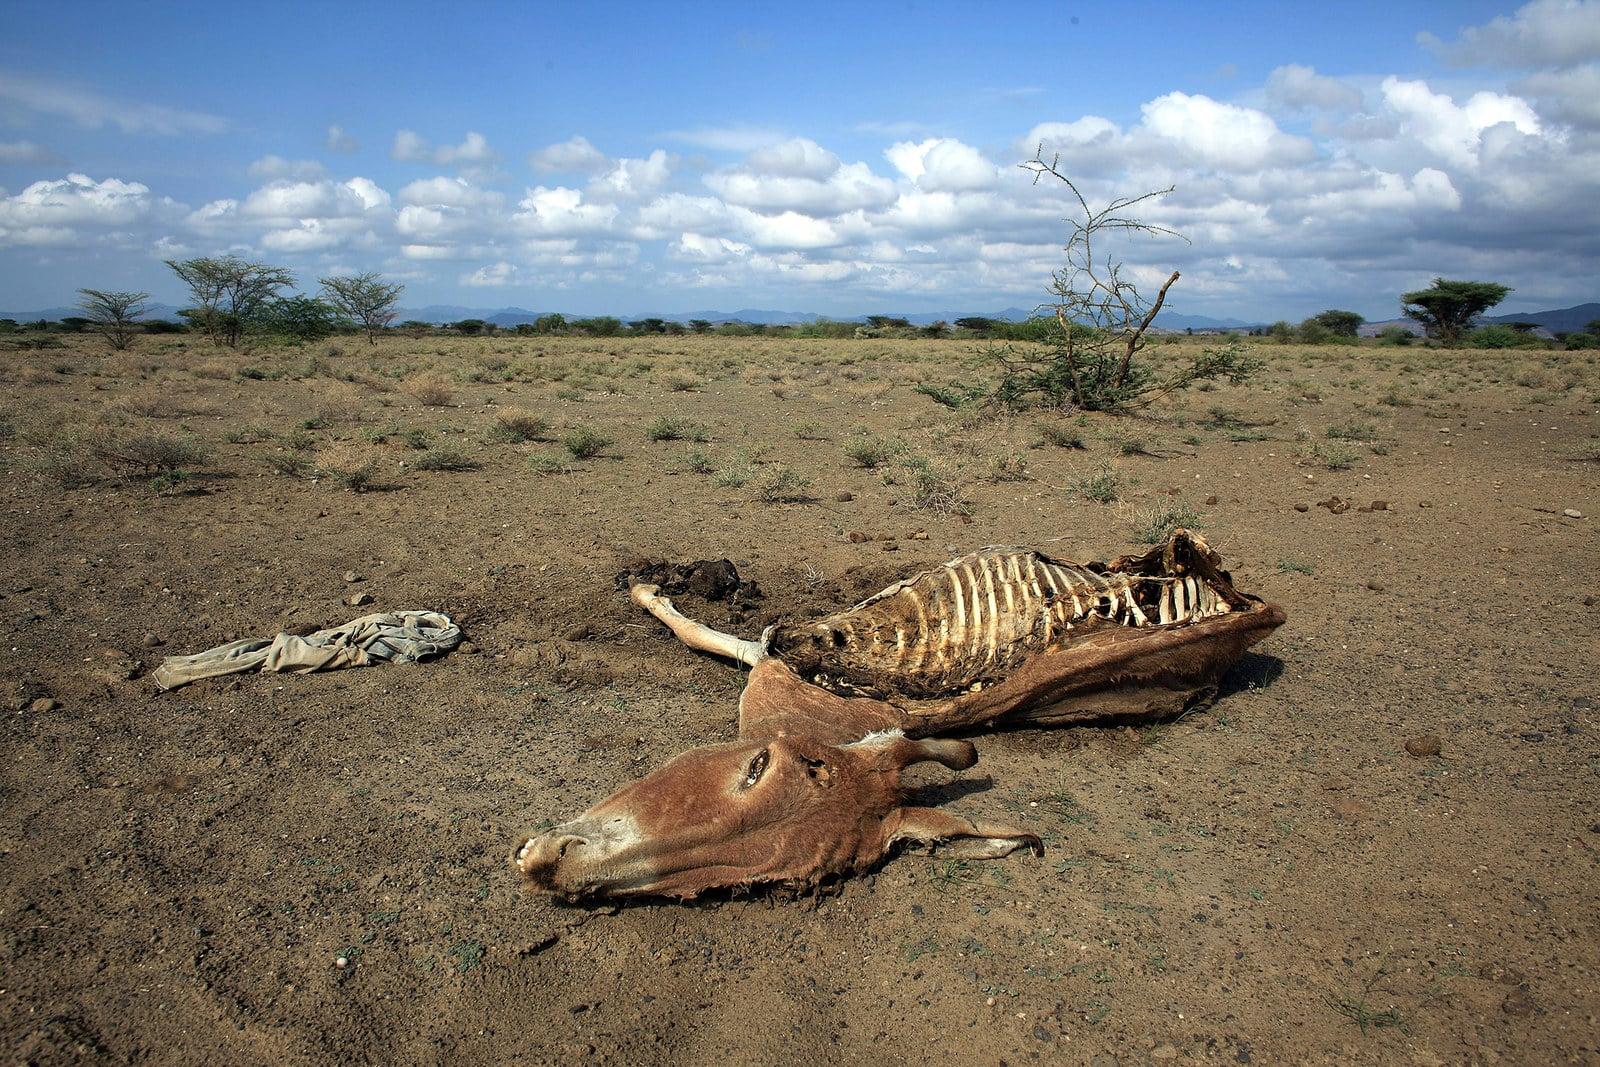 Bạn nghĩ trời nắng nóng? Thế giới còn đang chịu những thảm cảnh thời tiết khắc nghiệt hơn rất nhiều - Ảnh 3.